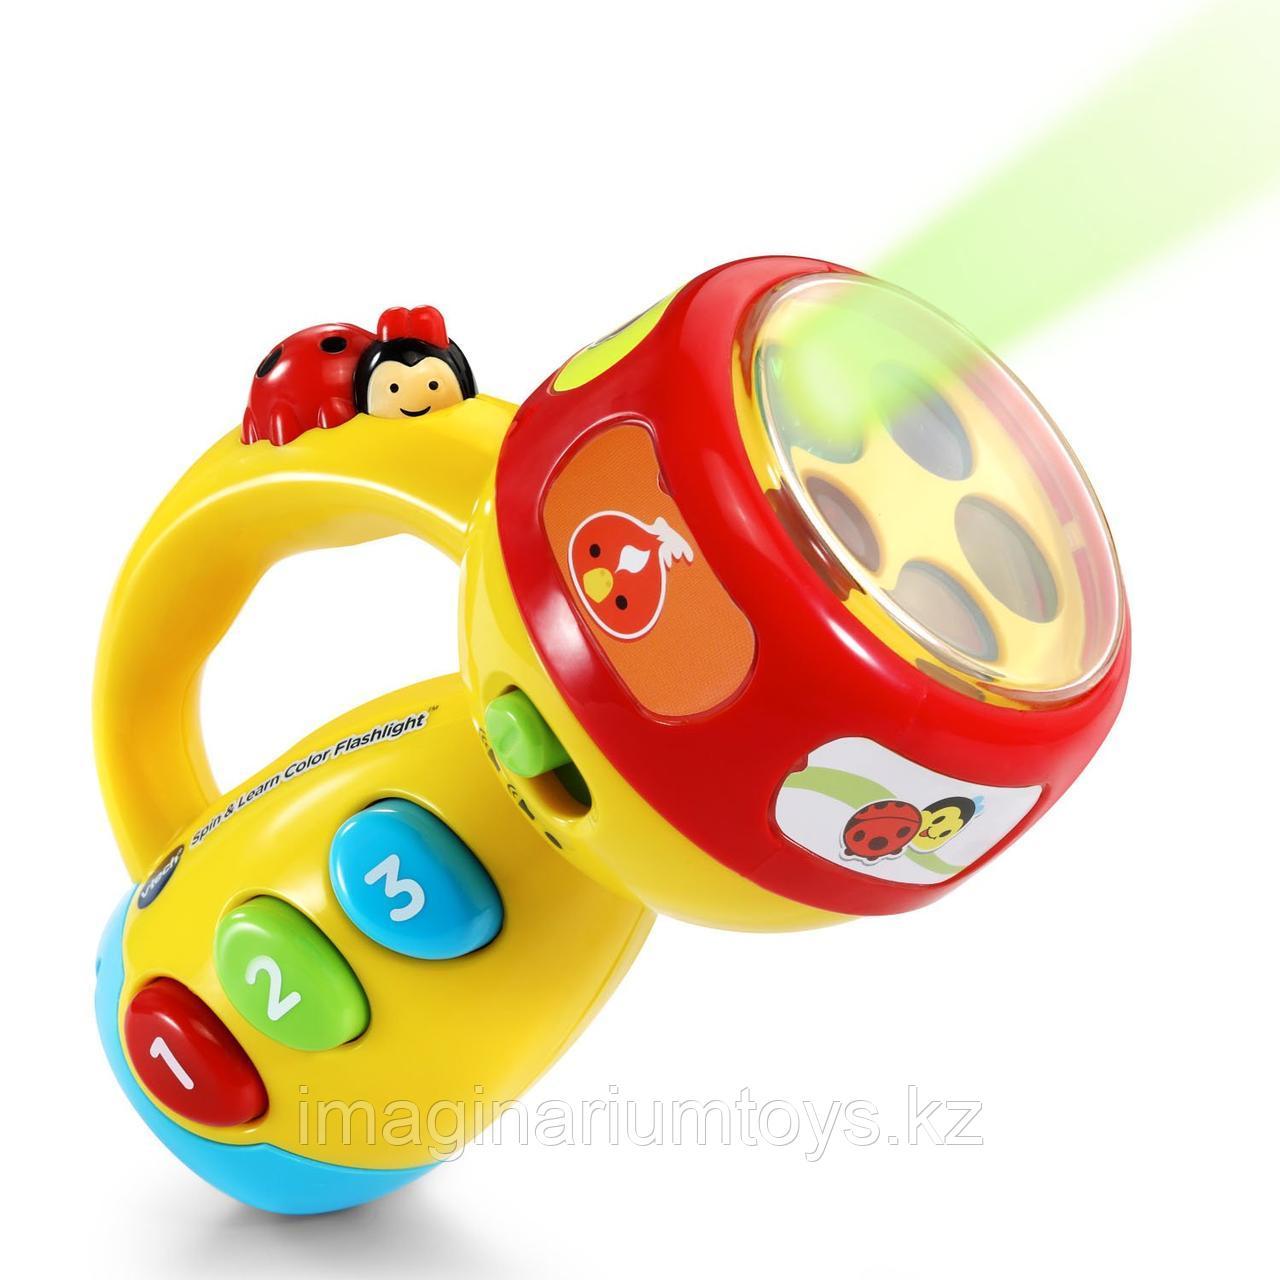 Развивающая игрушка «Фонарик» VTech со звуком и подсветкой